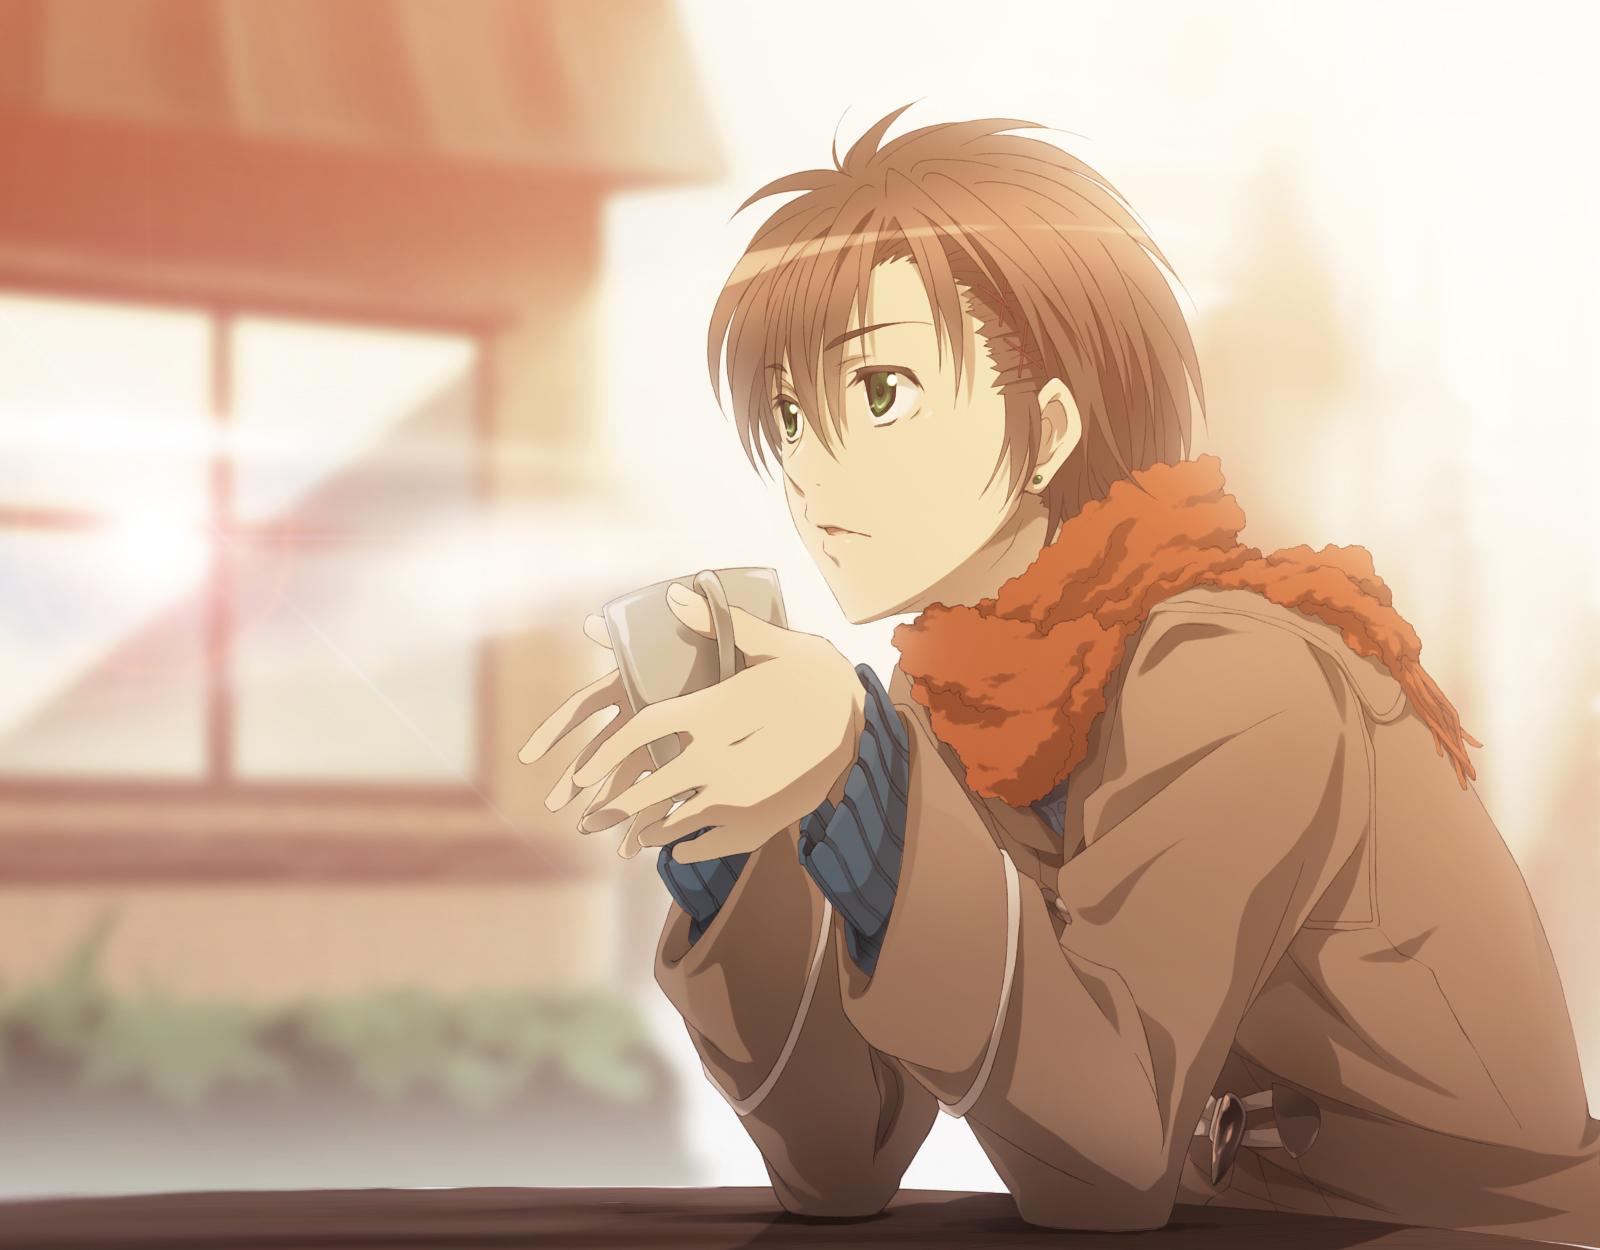 takigawa yoshino download takigawa yoshino image